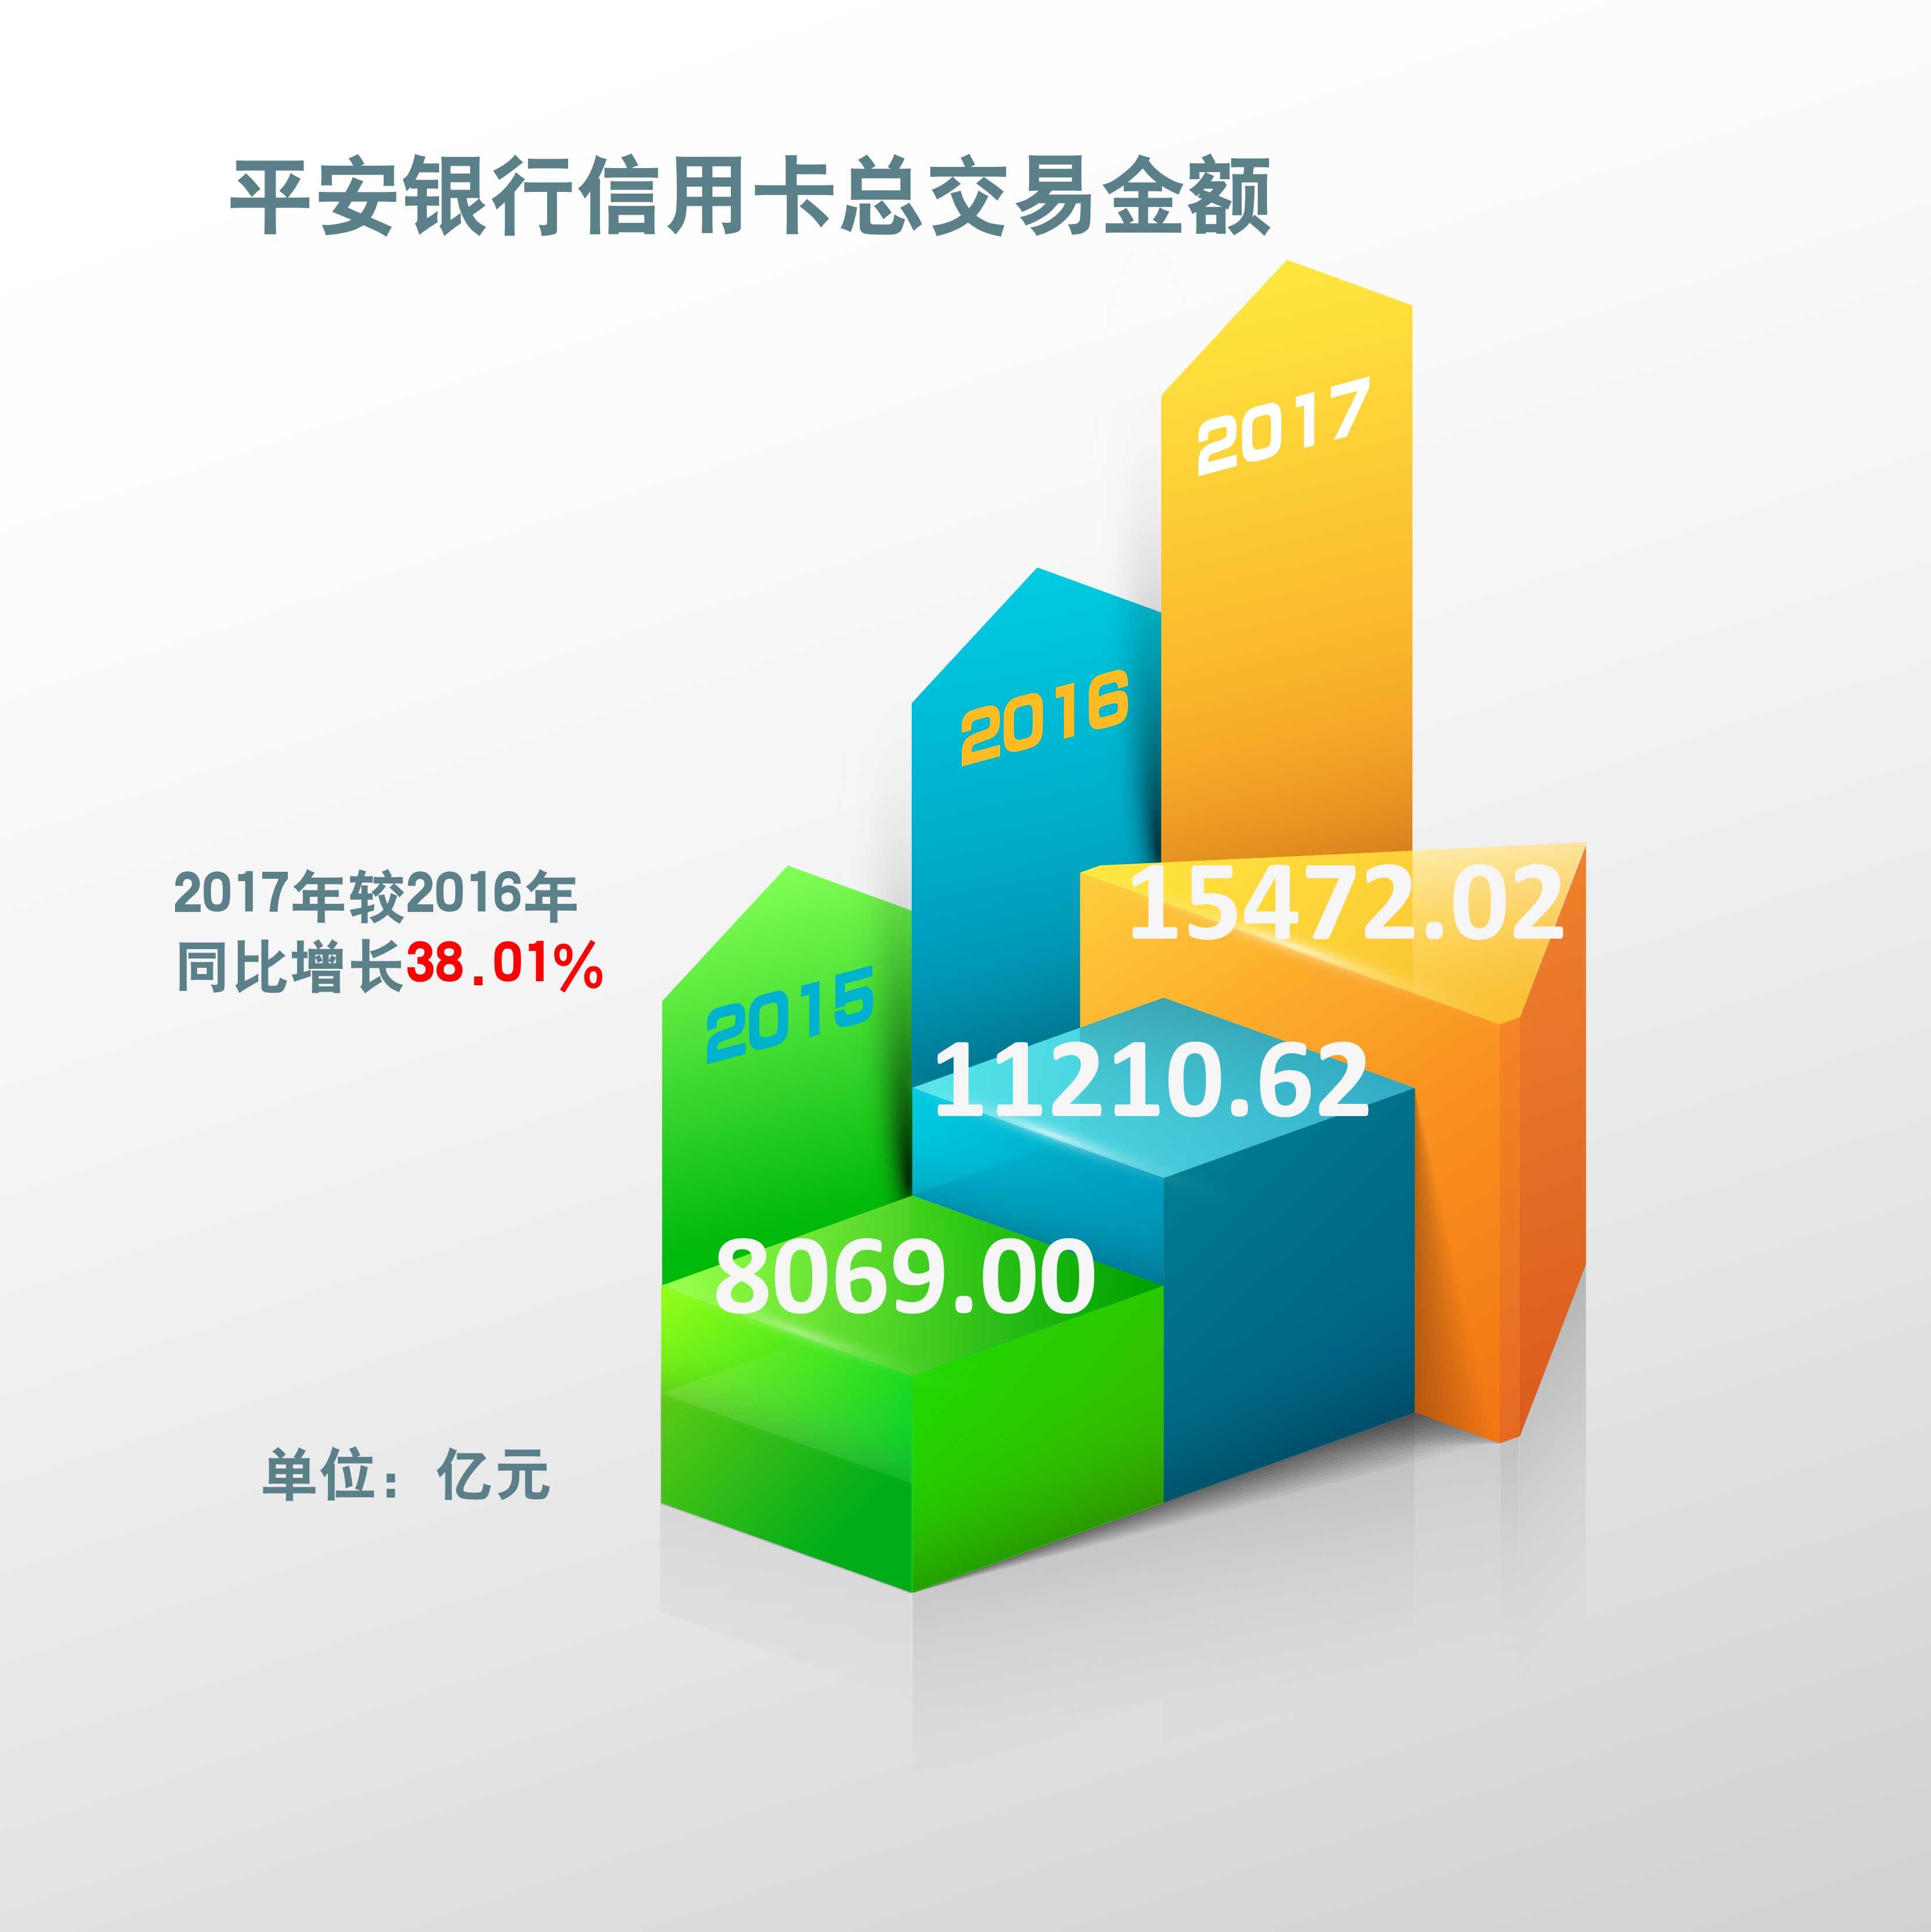 原创:平安银行零售业务突飞猛进,2017年信用卡贷款余额同比增长67.67%